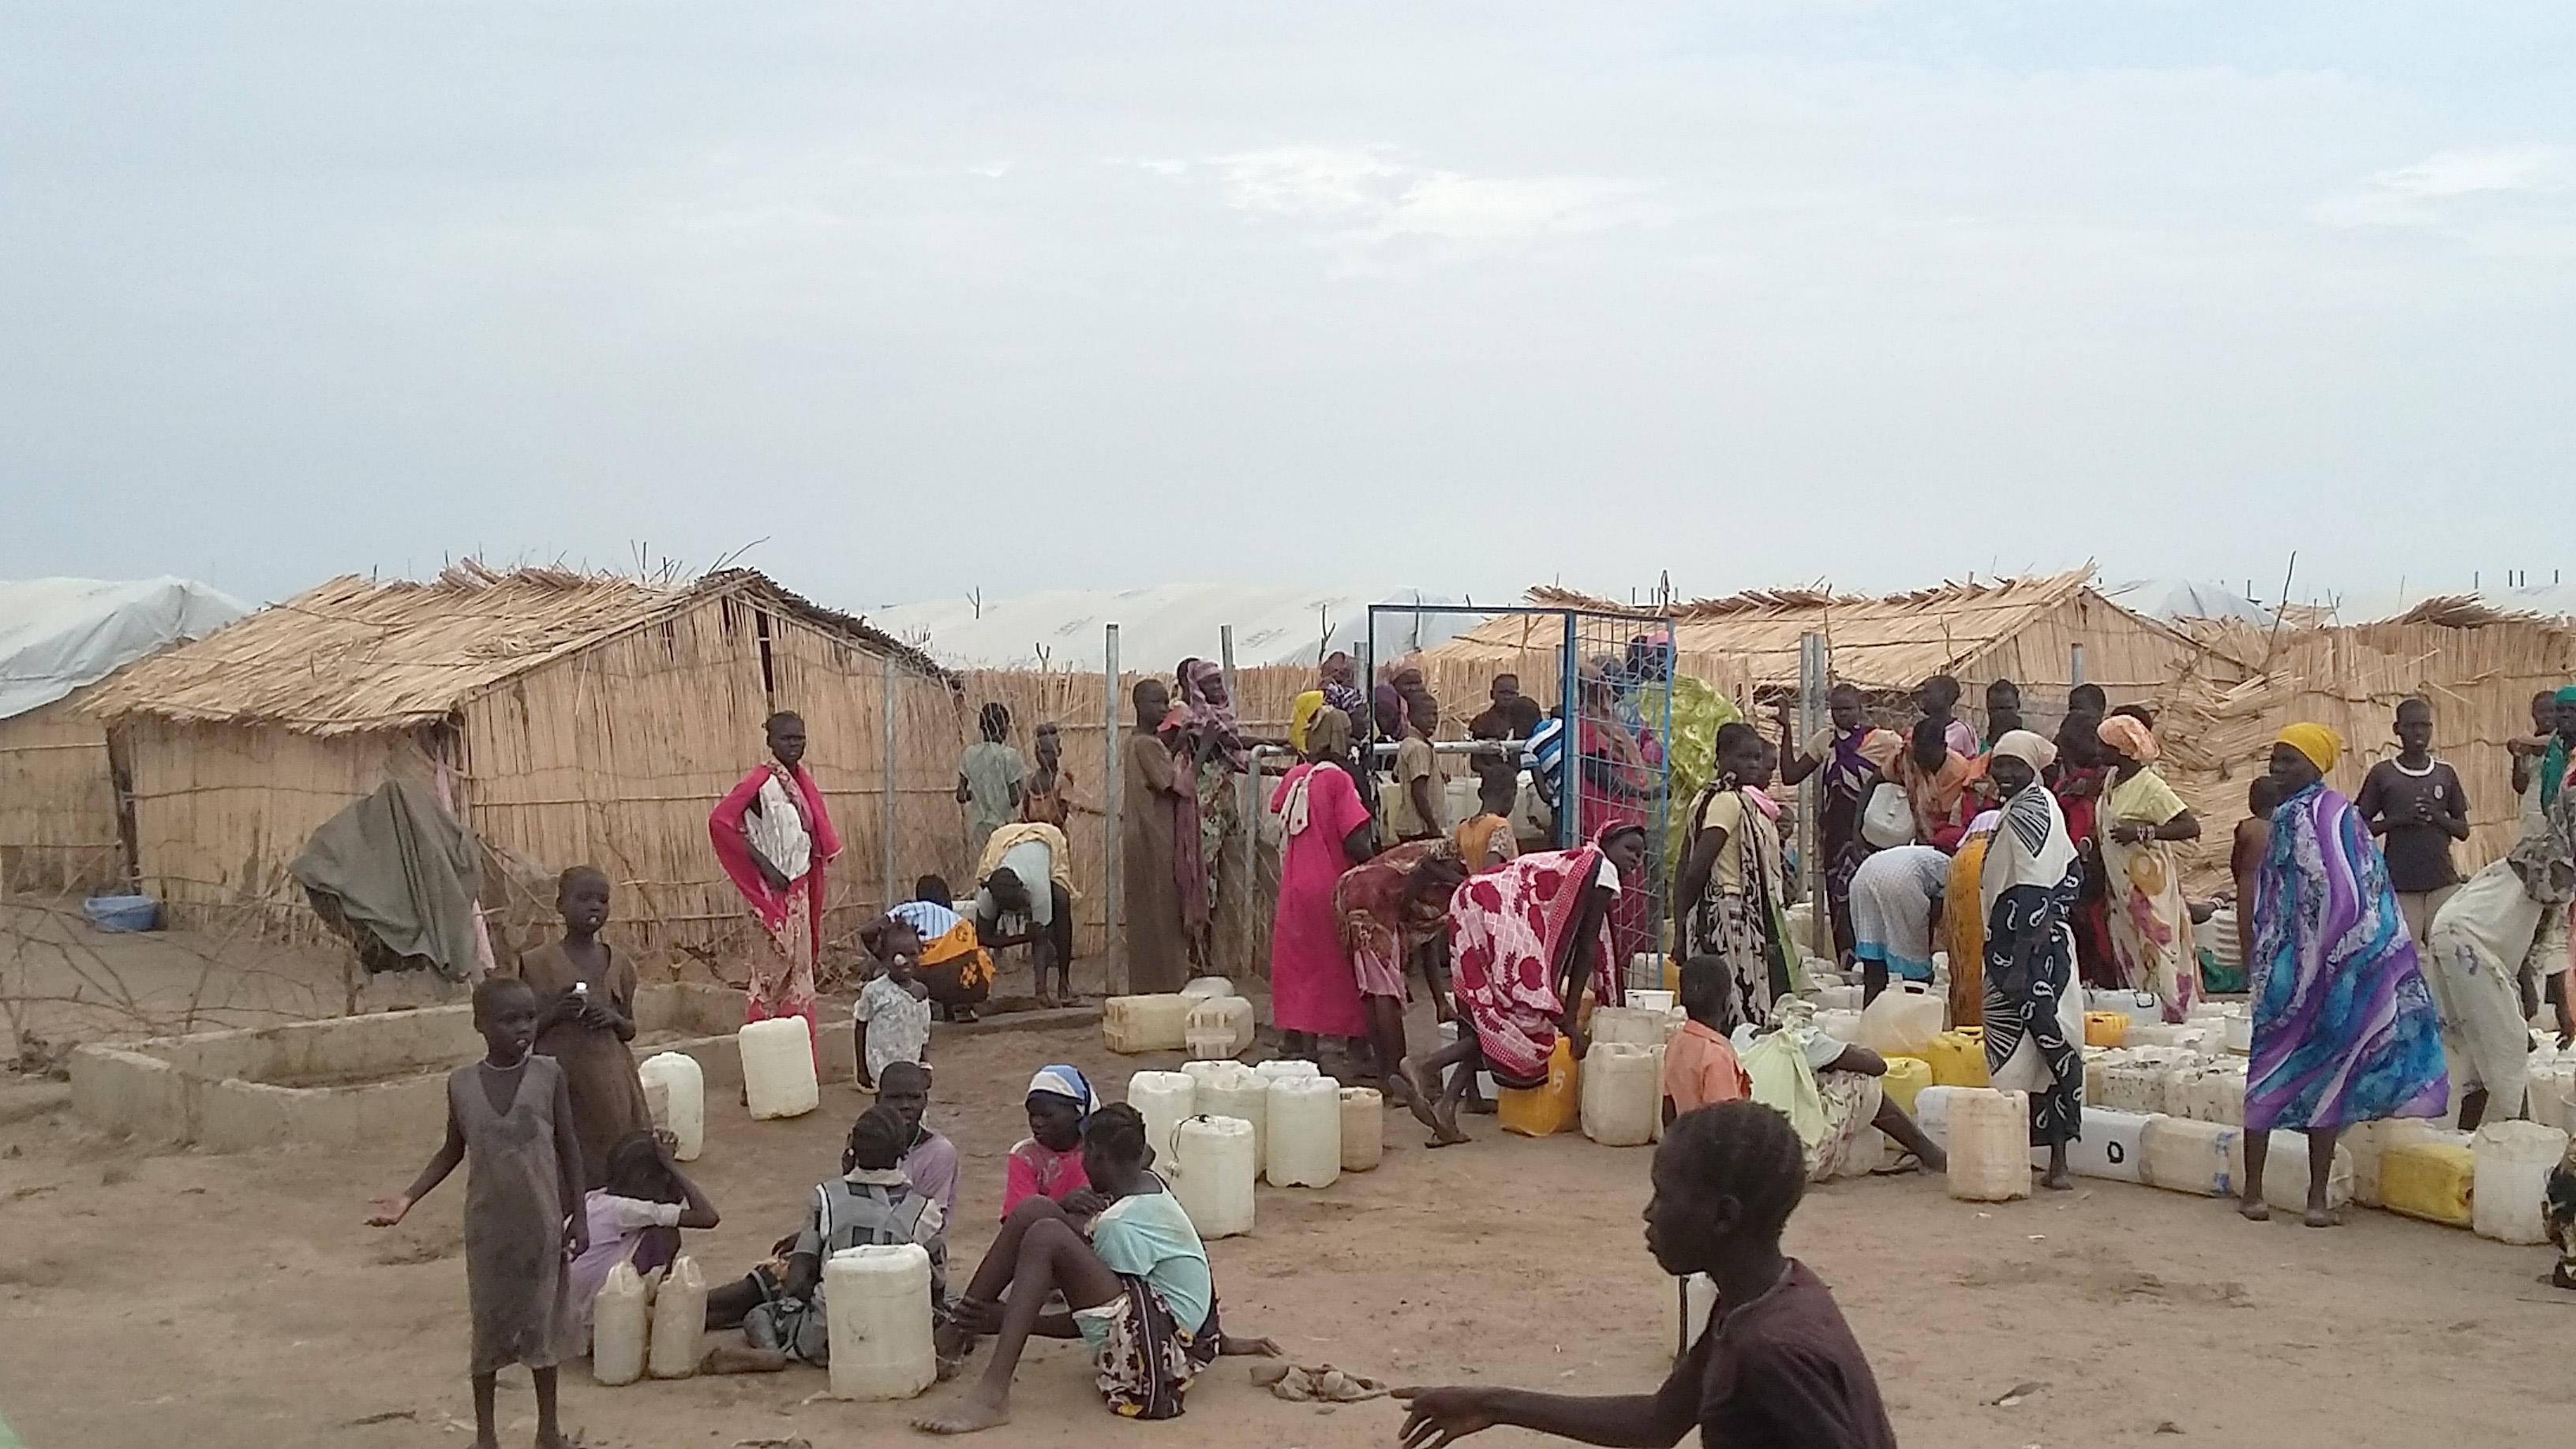 SOS en Sudán del Sur, obispo narra situación del refugio y la labor que hace la Iglesia